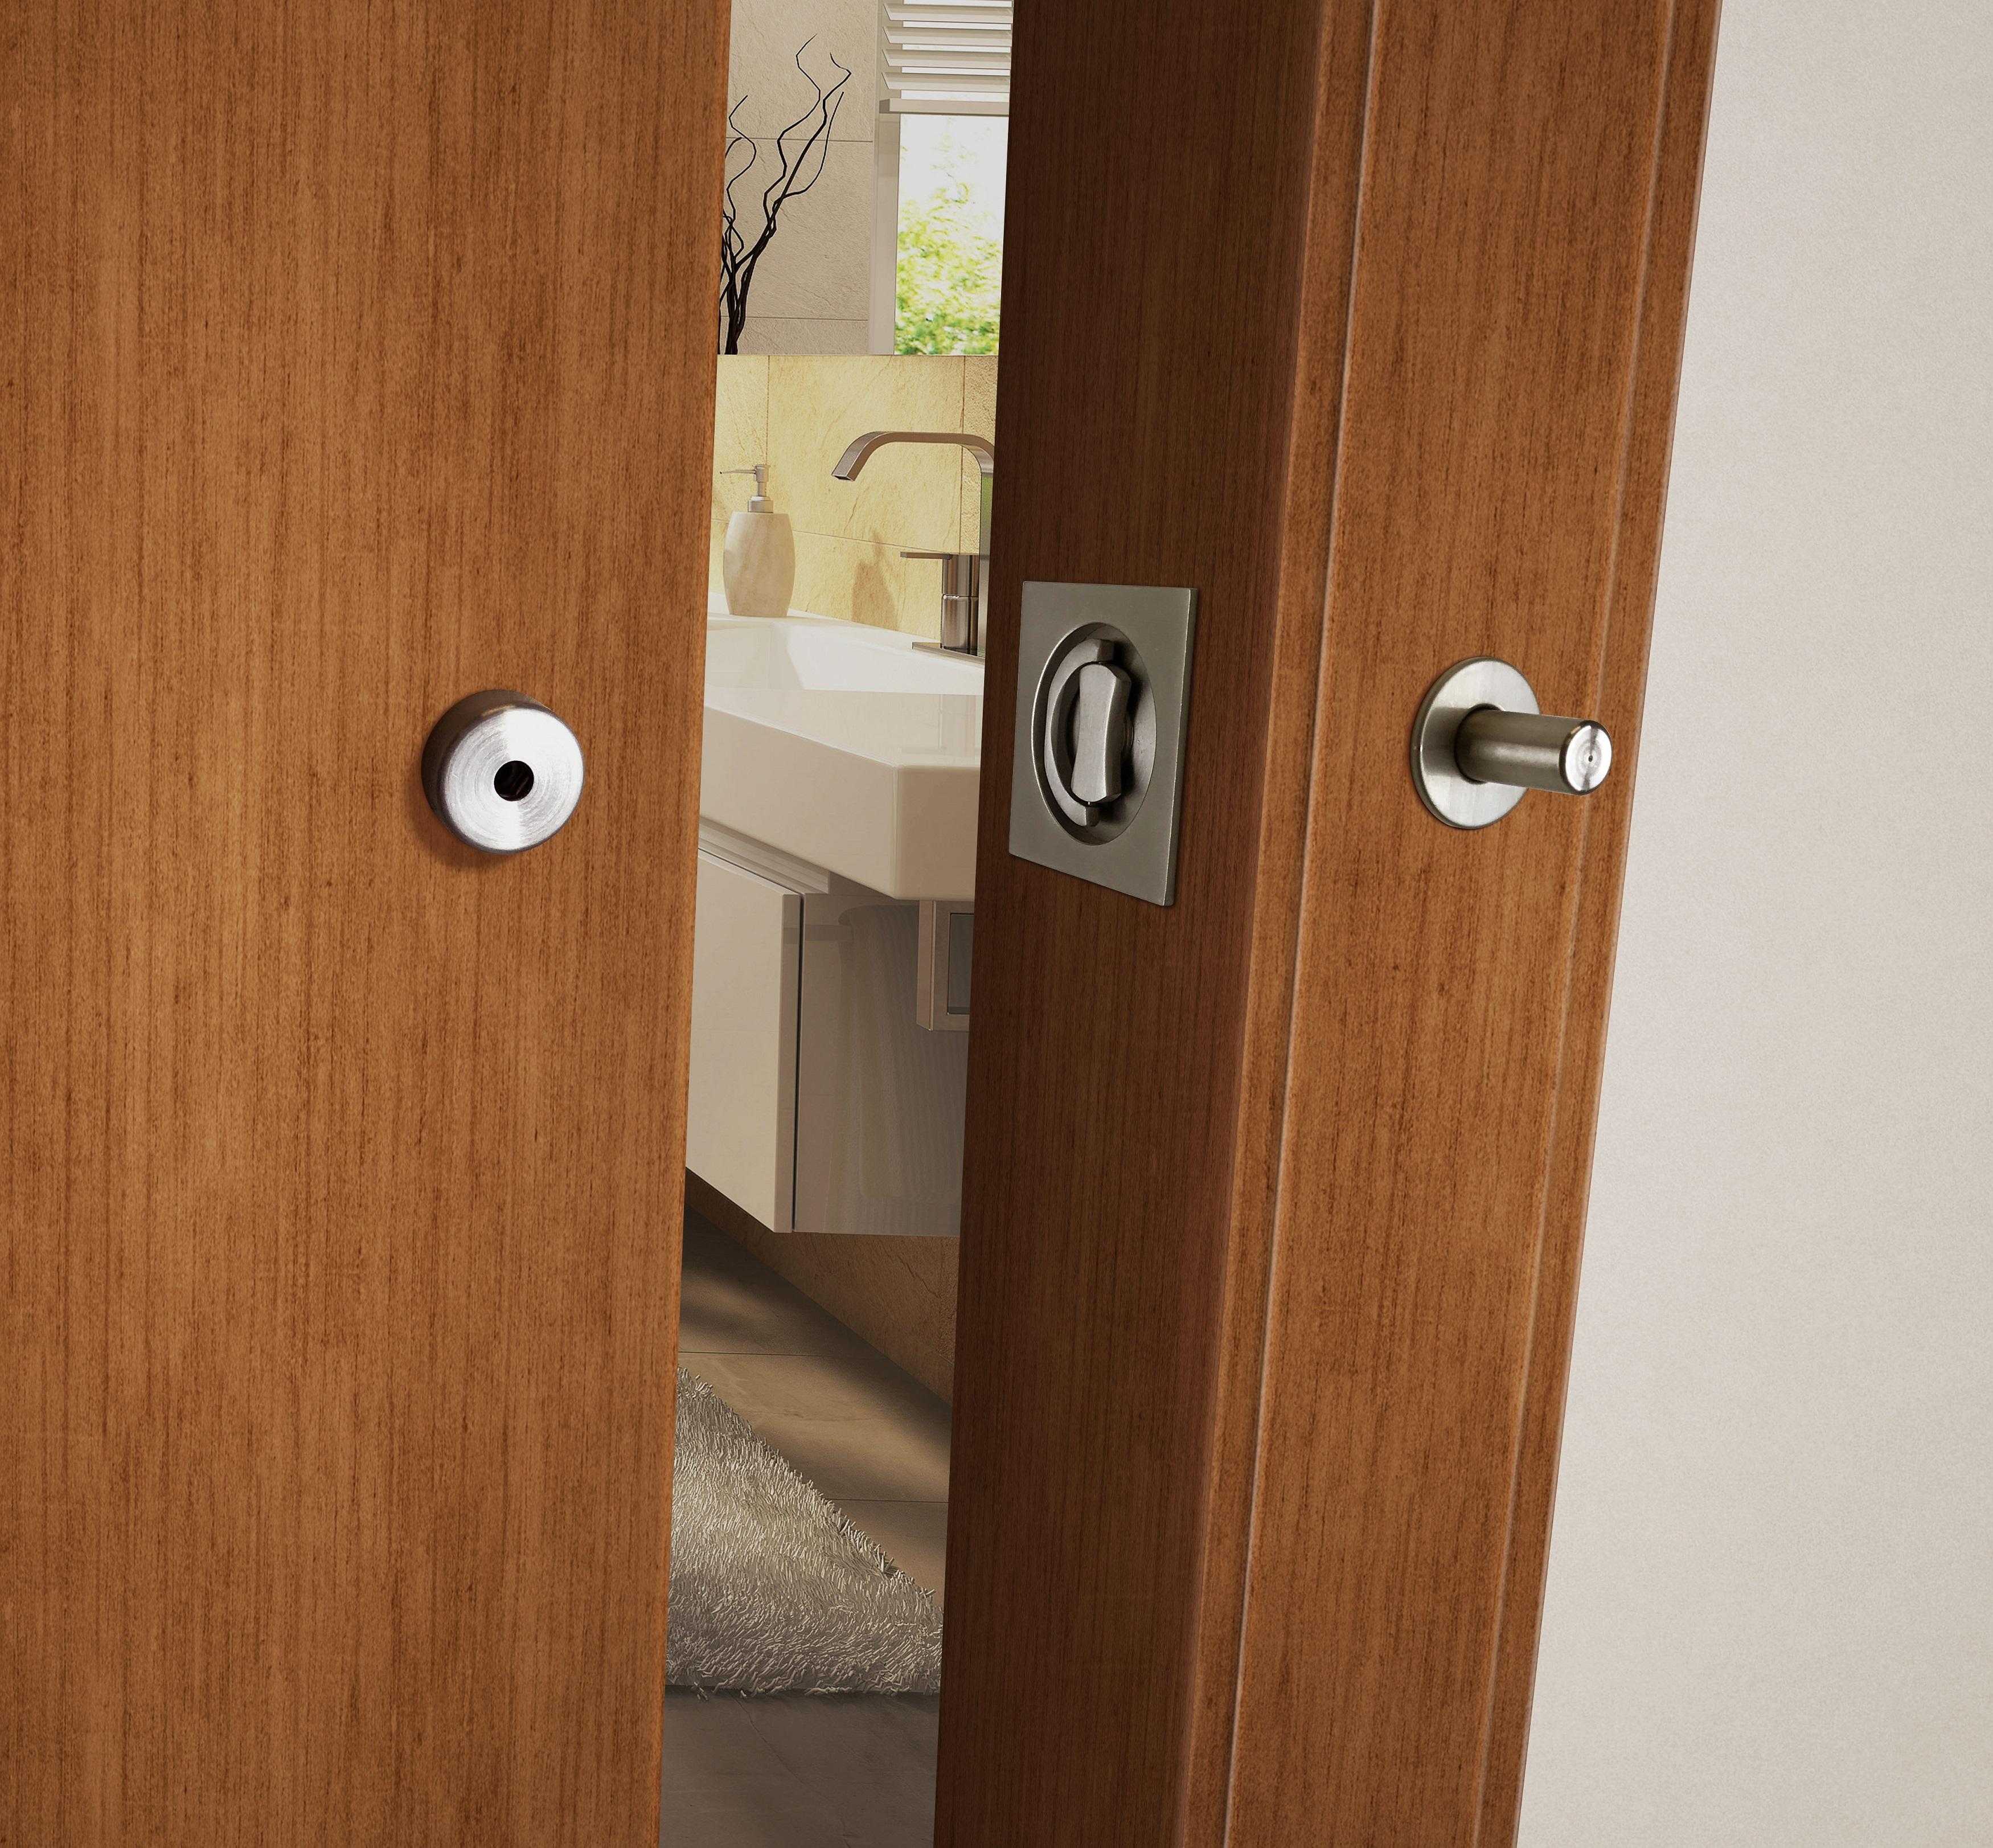 Sliding Barn Door Bathroom Privacy: Privacy Barn Door Lock